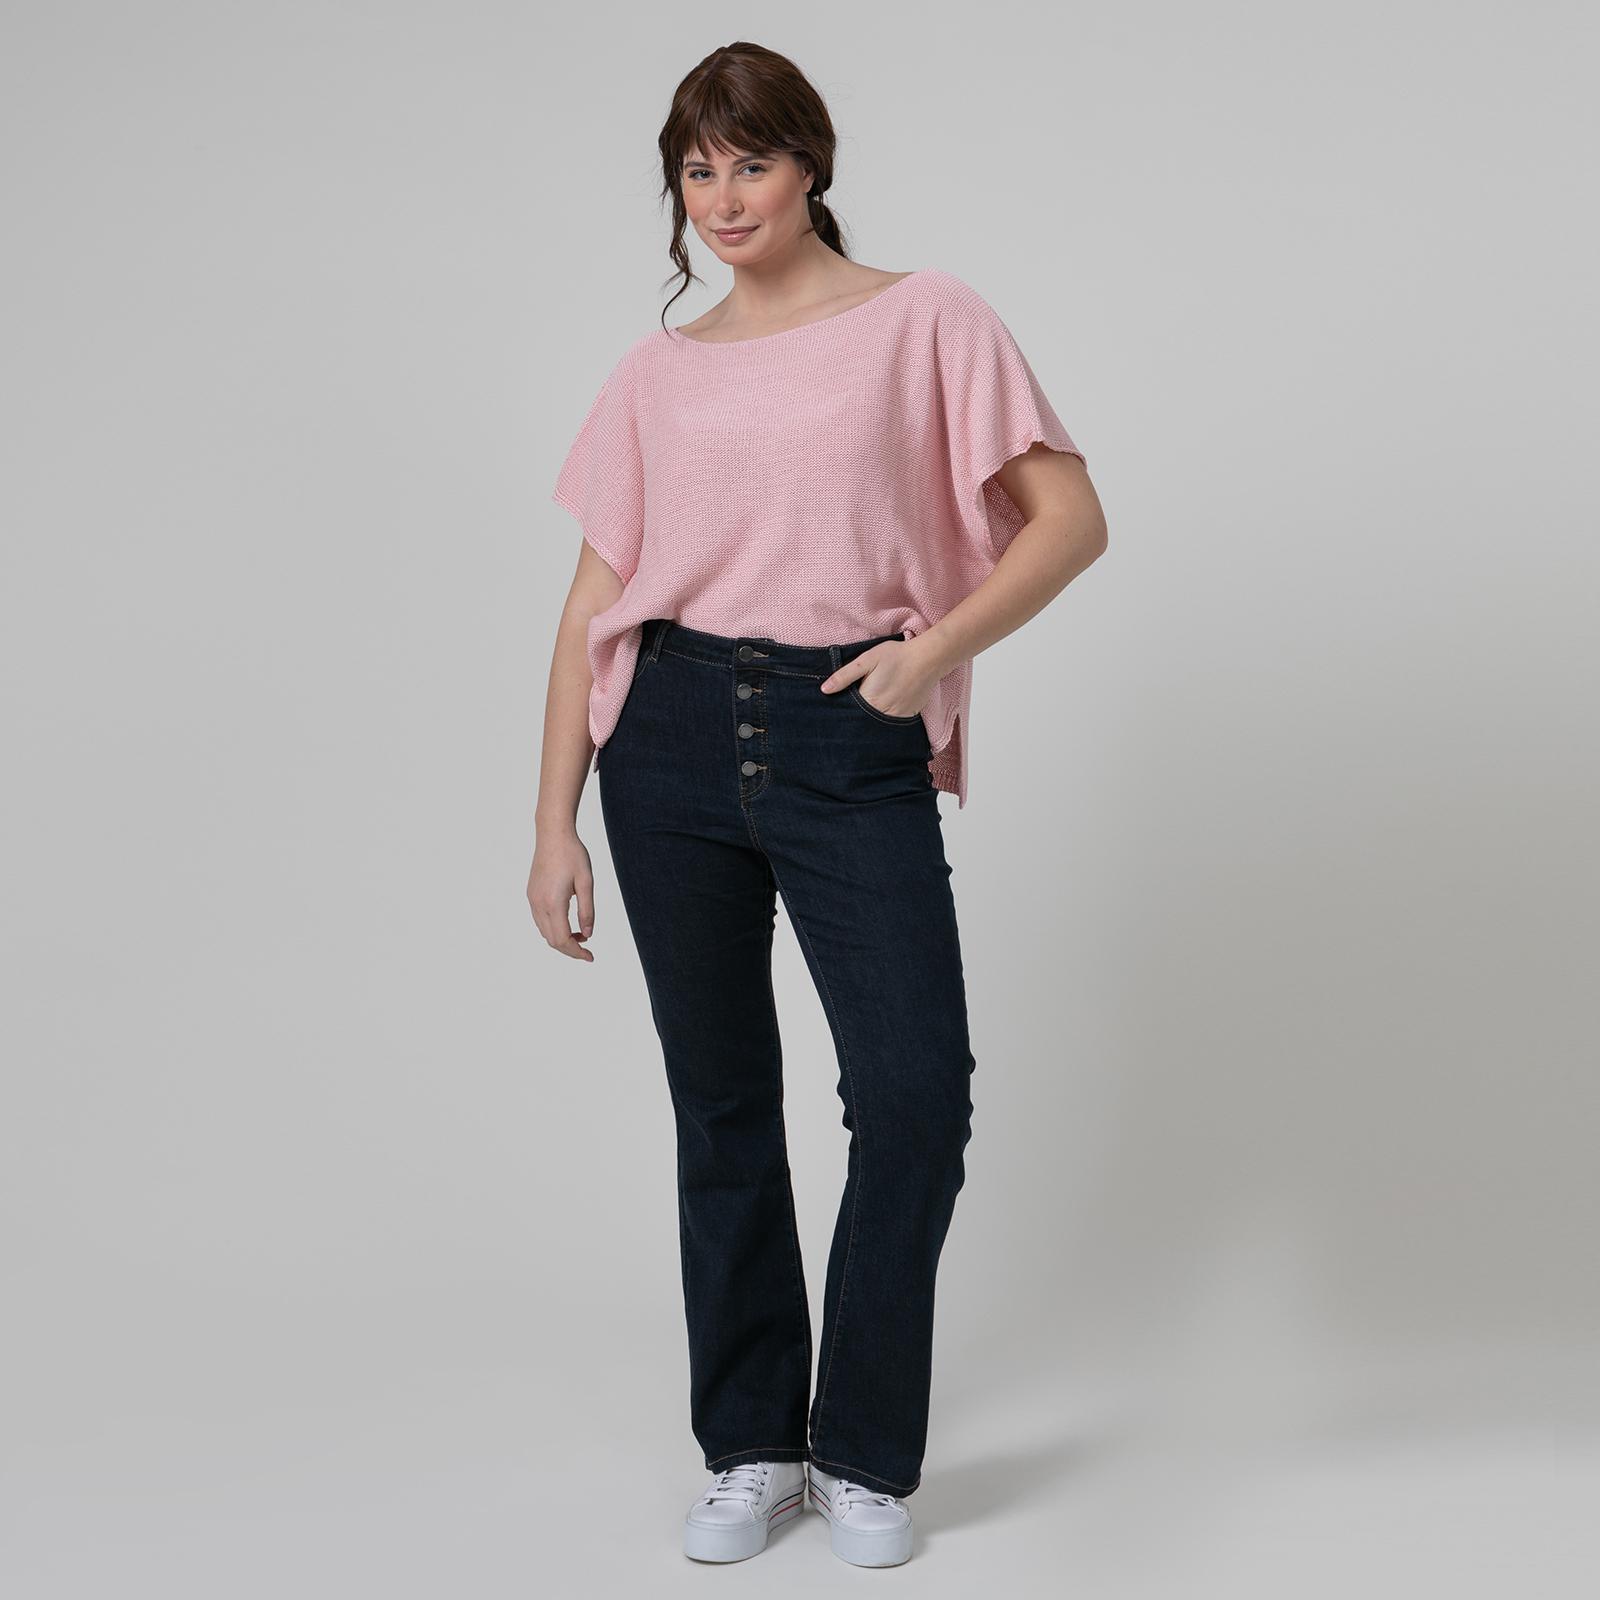 Ένα denim κομμάτι είναι πλέον η κλασική mat. fashionista's επιλογή για μοδάτα καθημερινά outfits με άνεση και προσωπικό στυλ!